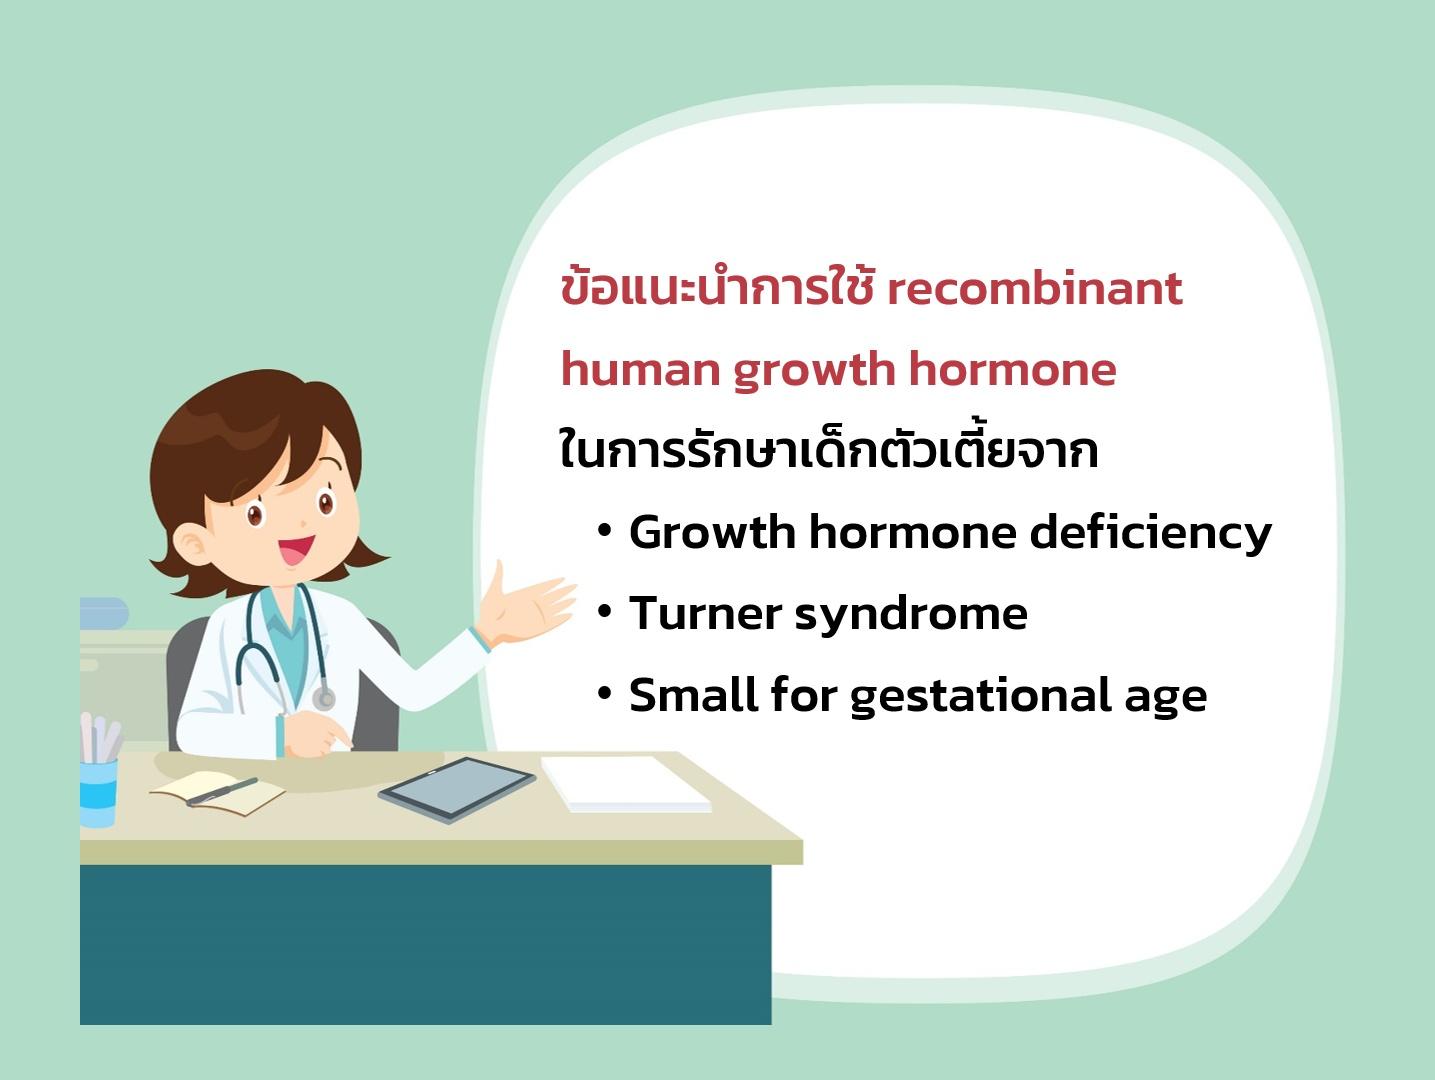 ข้อแนะนำการใช้ rhGH ในการรักษาเด็กตัวเตี้ยจาก GH deficiency, Turner syndrome และ SGA